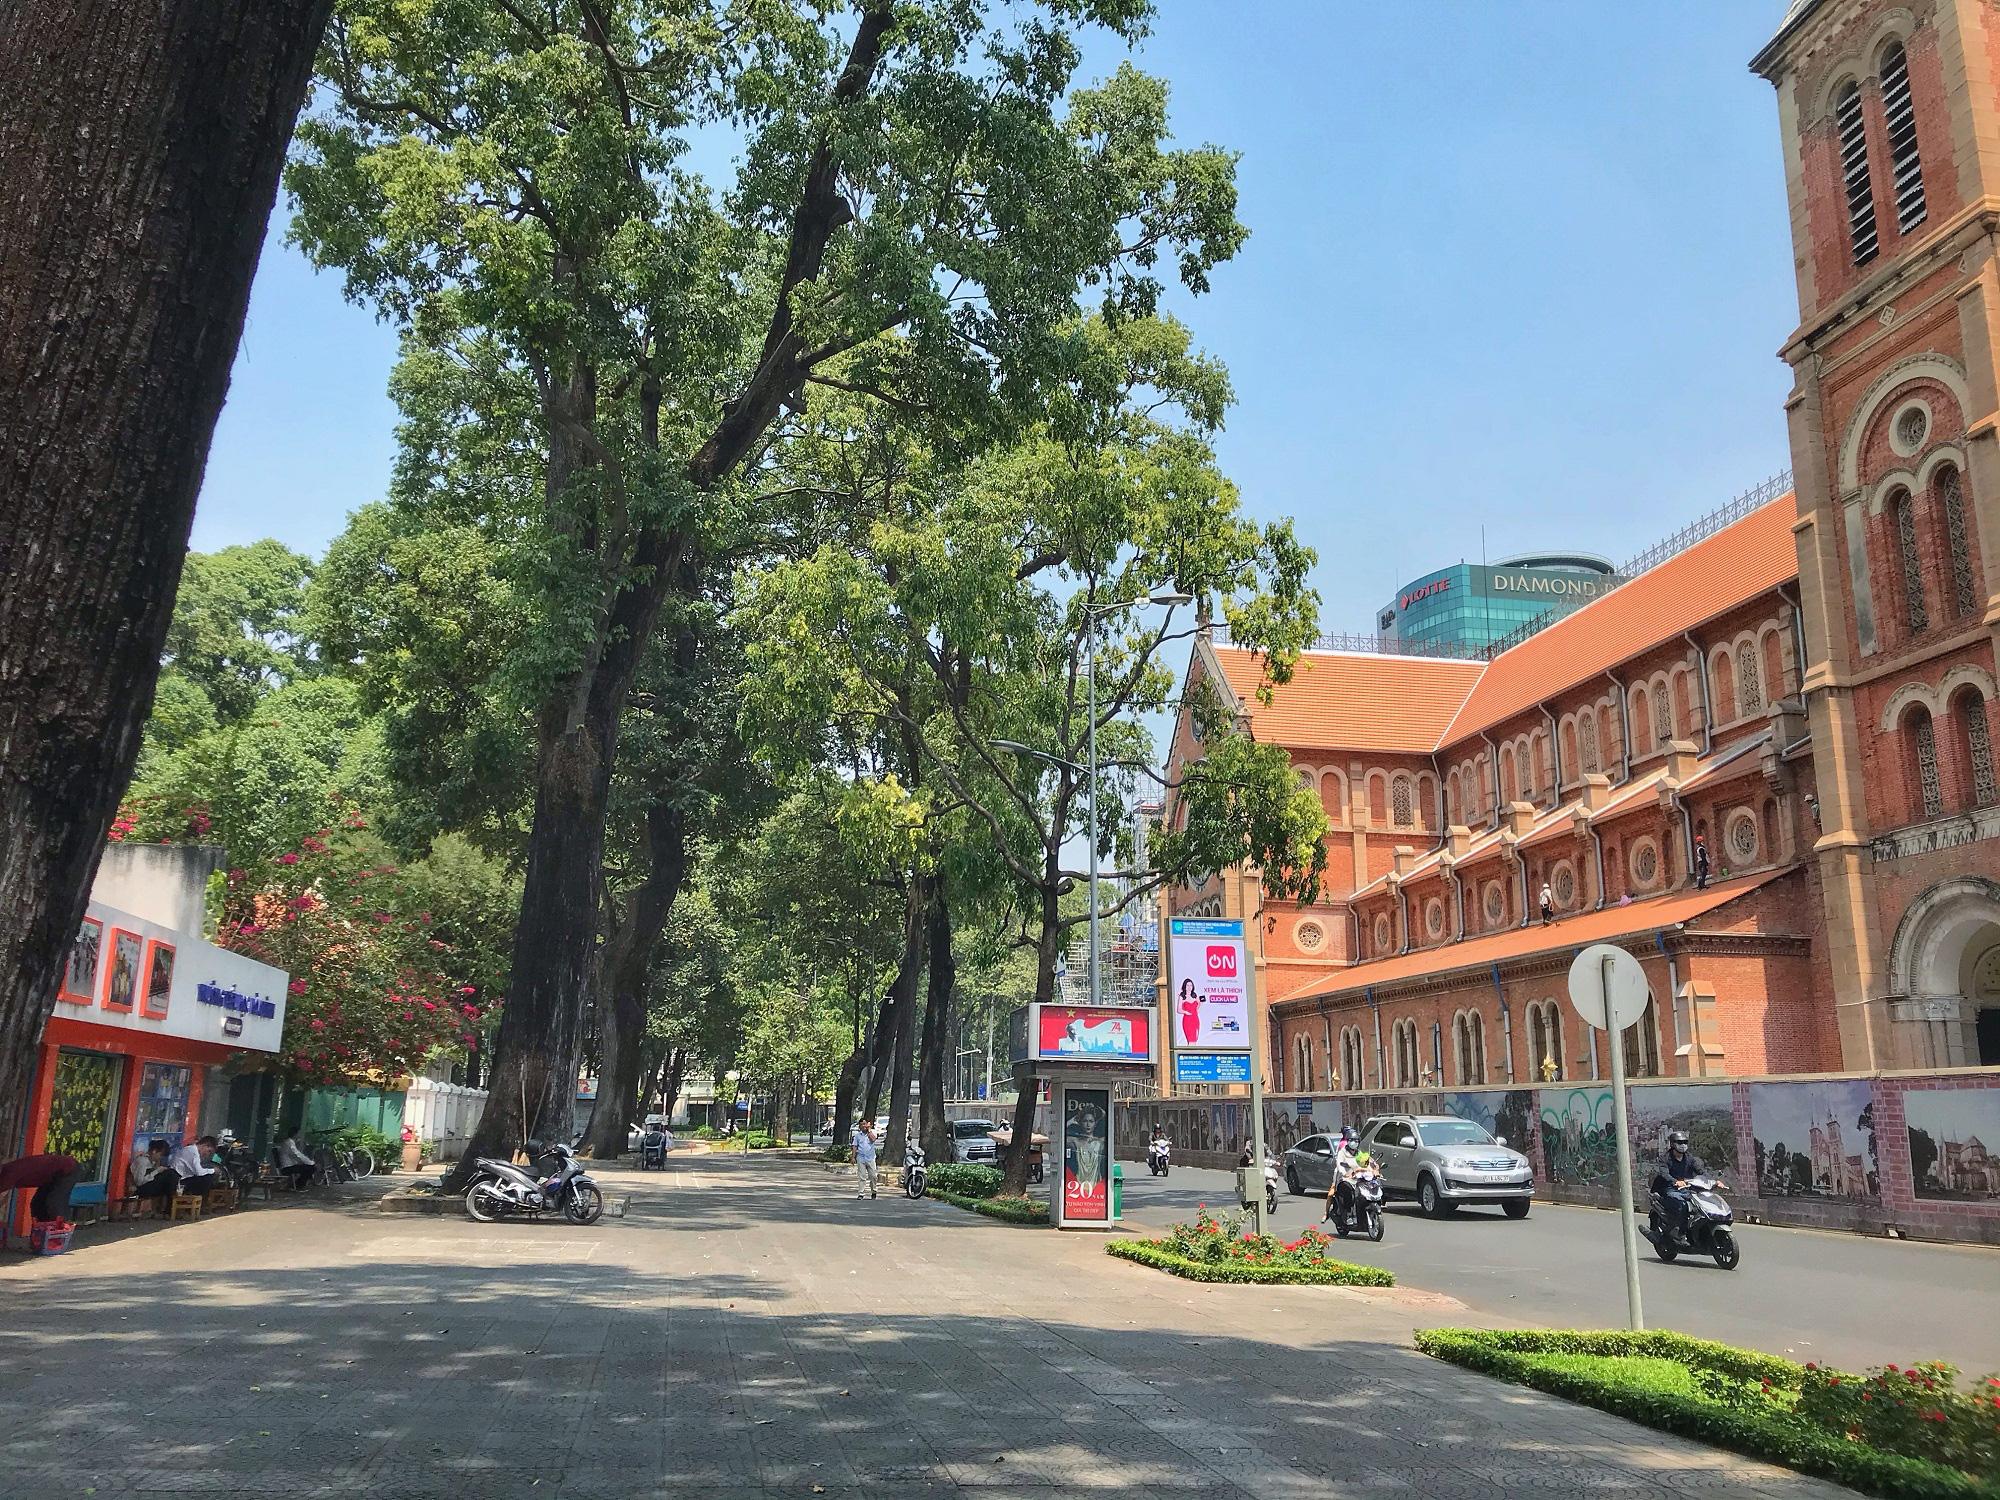 """Sài Gòn 16/3: Các điểm vui chơi, du lịch tham quan tại quận 1 """"vắng lặng"""" giữa mùa dịch Corona - Ảnh 4."""